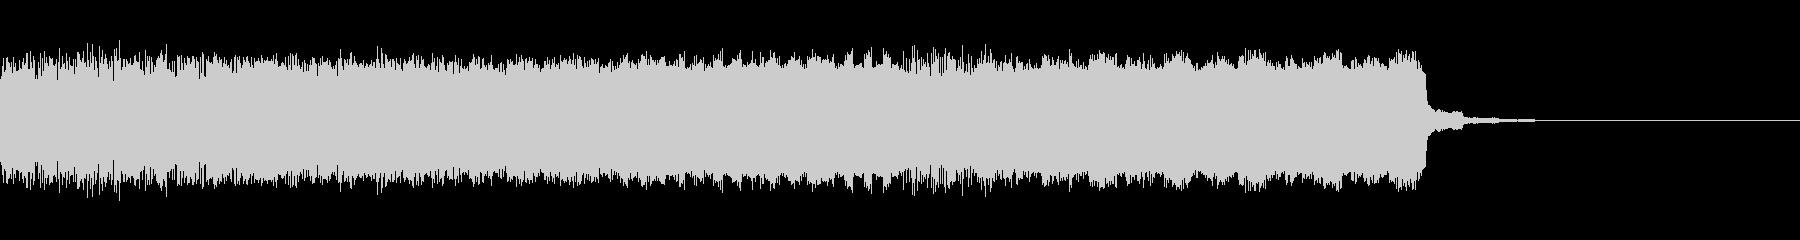 パチンコ的メロディインパクト音03の未再生の波形